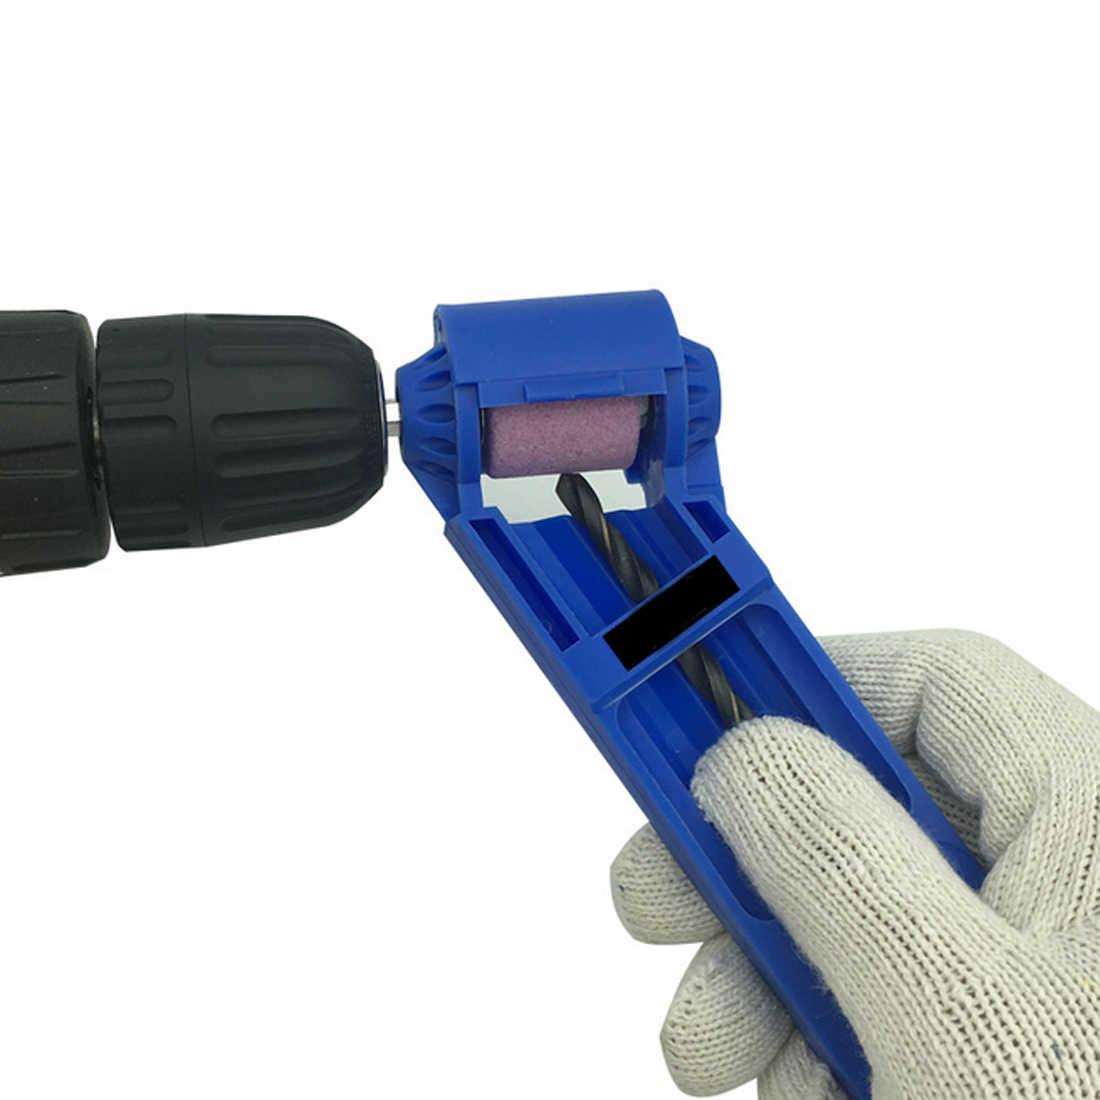 כוח כלי 18.5cm נייד מקדח מחדד קורונדום גלגל שחיקה עבור מטחנות כלים עבור תרגיל מחדד